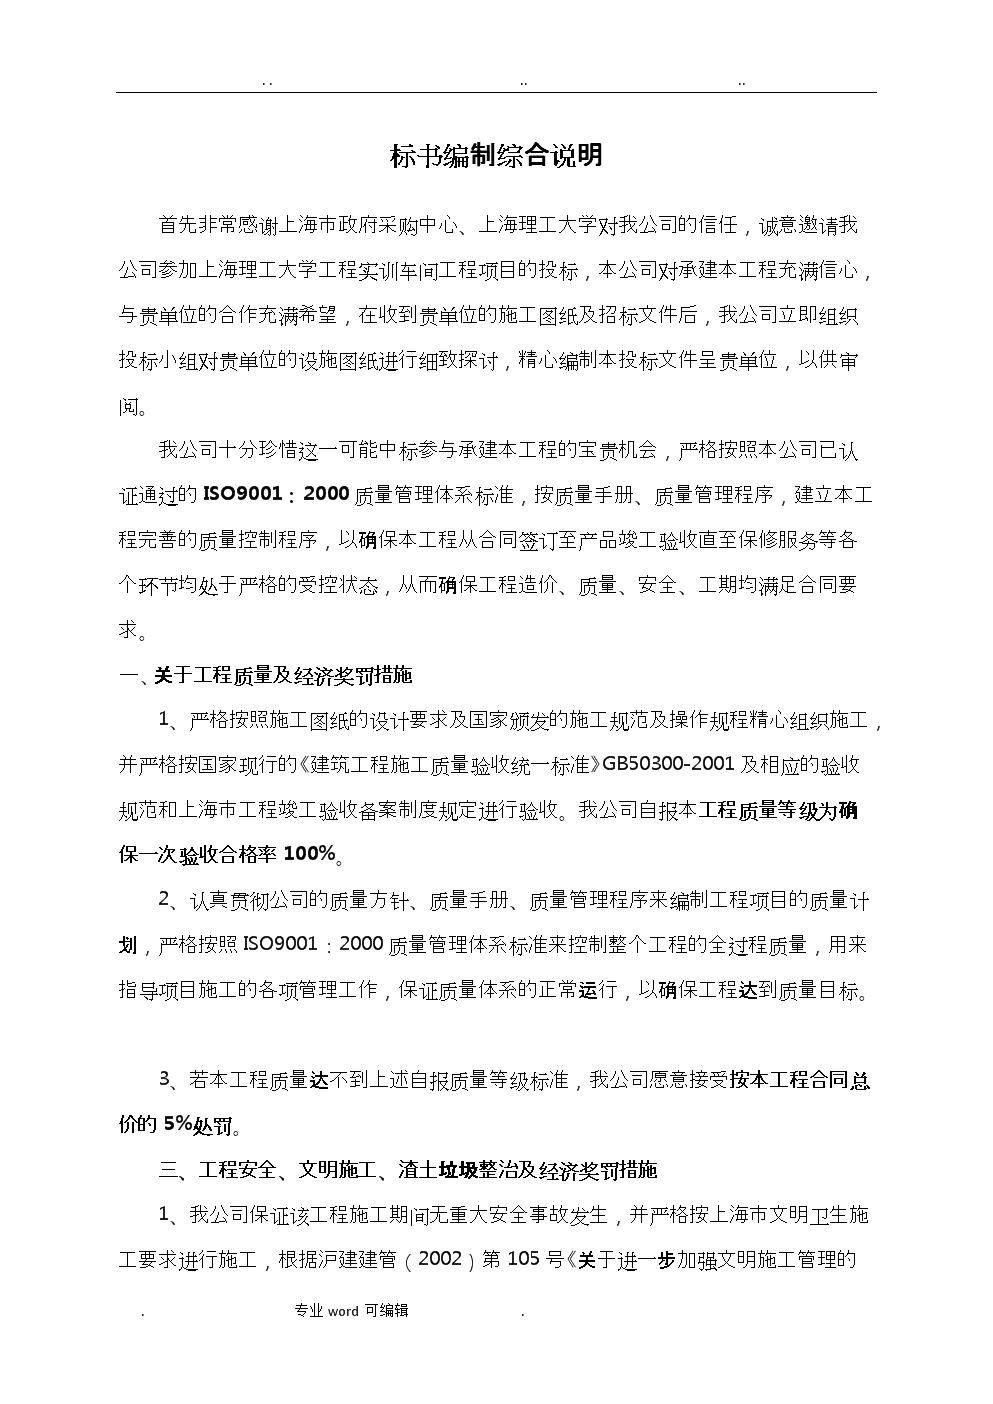 招投标书综合说明.doc